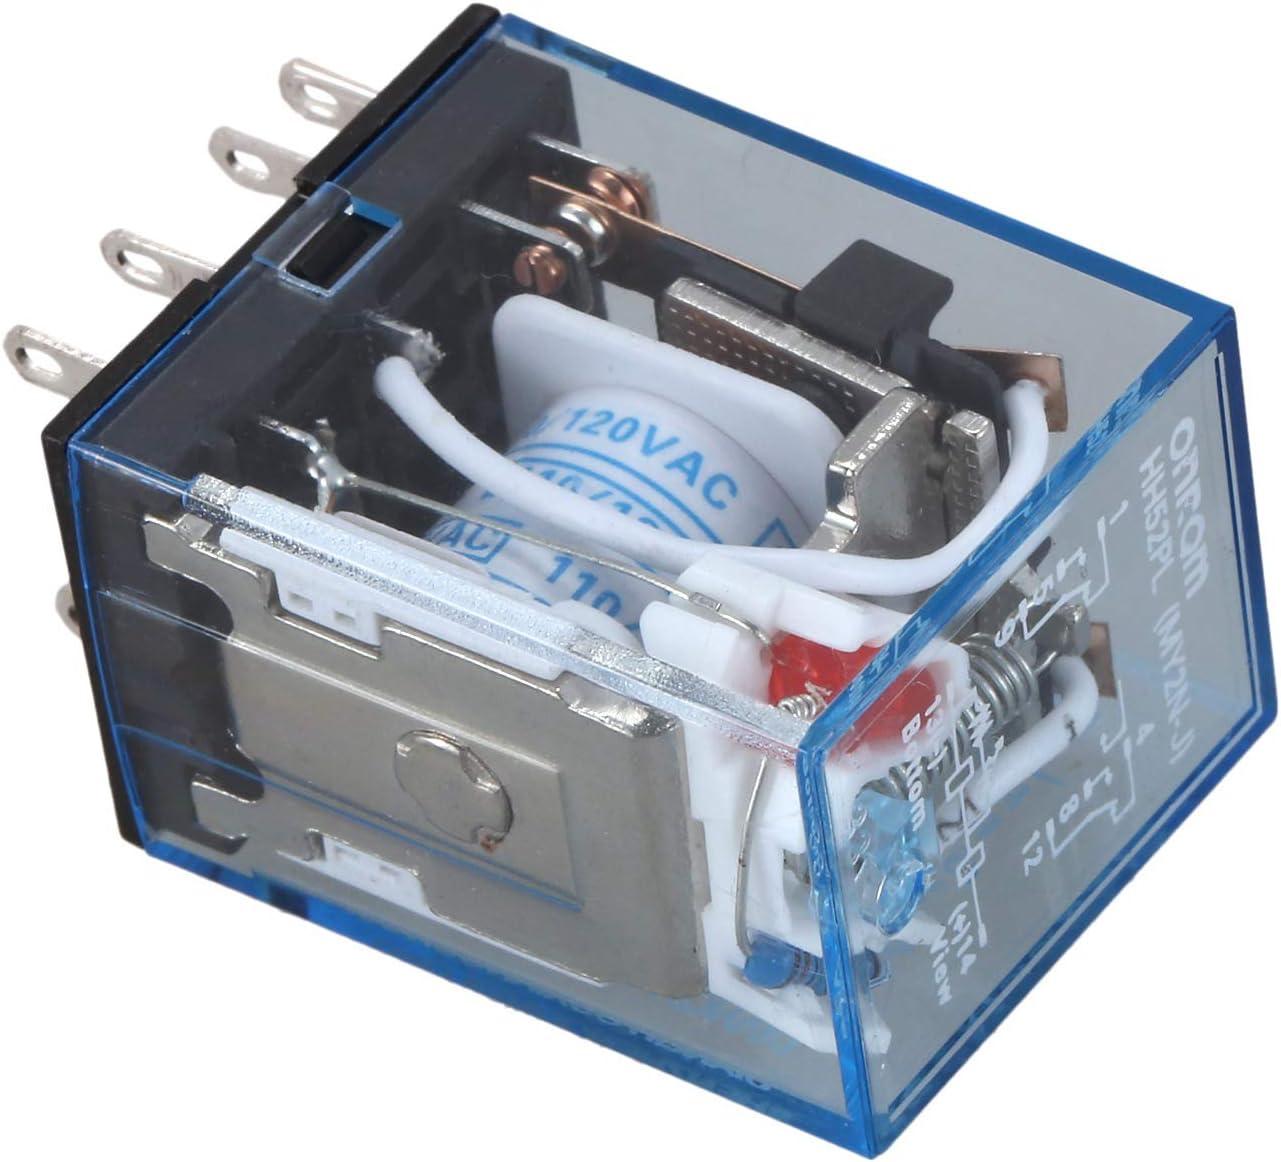 BMYUK HH52P Bobine CA 110V DPDT Relais de puissance electromagnetique 8 broches 8P